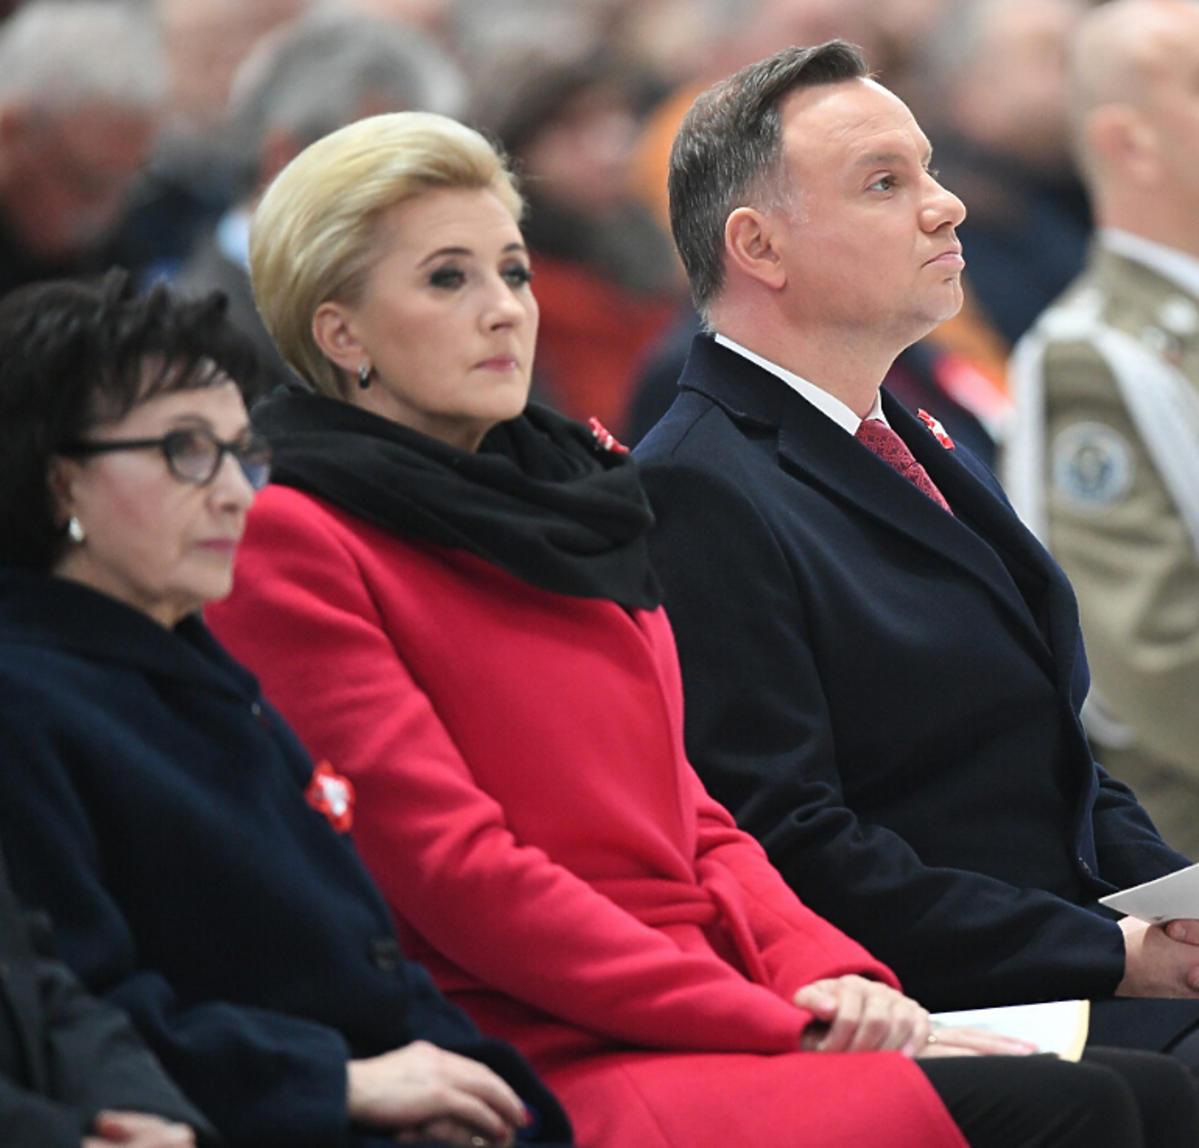 Agata Duda w czerwonym płaszczu